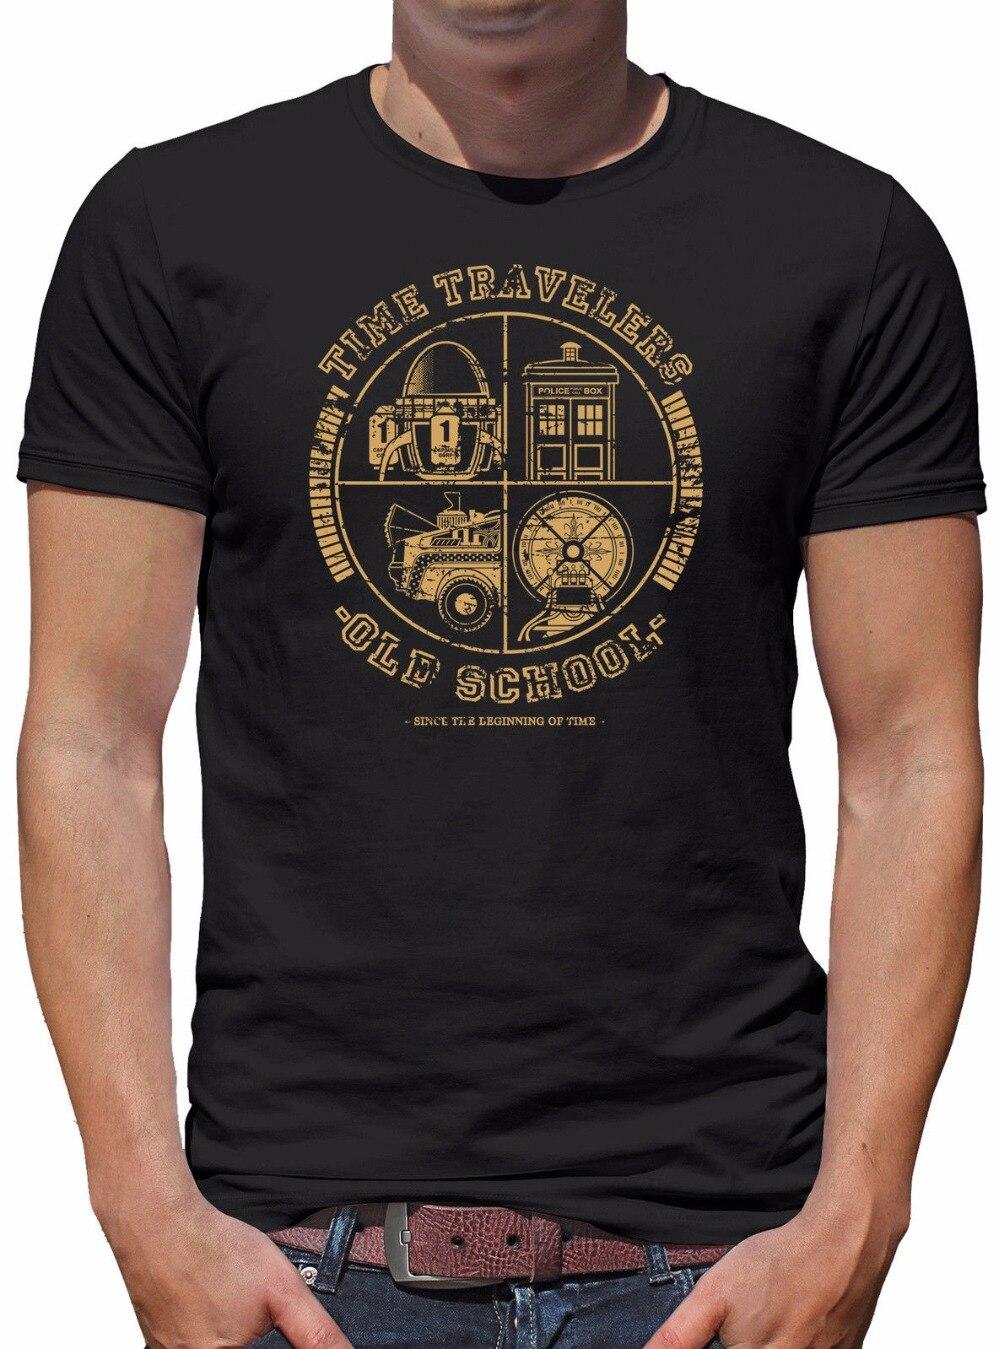 Футболка Homme 2018 Новый Топ Футболка 100% хлопковая рубашка все время путешественников Herren футболки с принтом 100% хлопок короткий рукав o-образны...